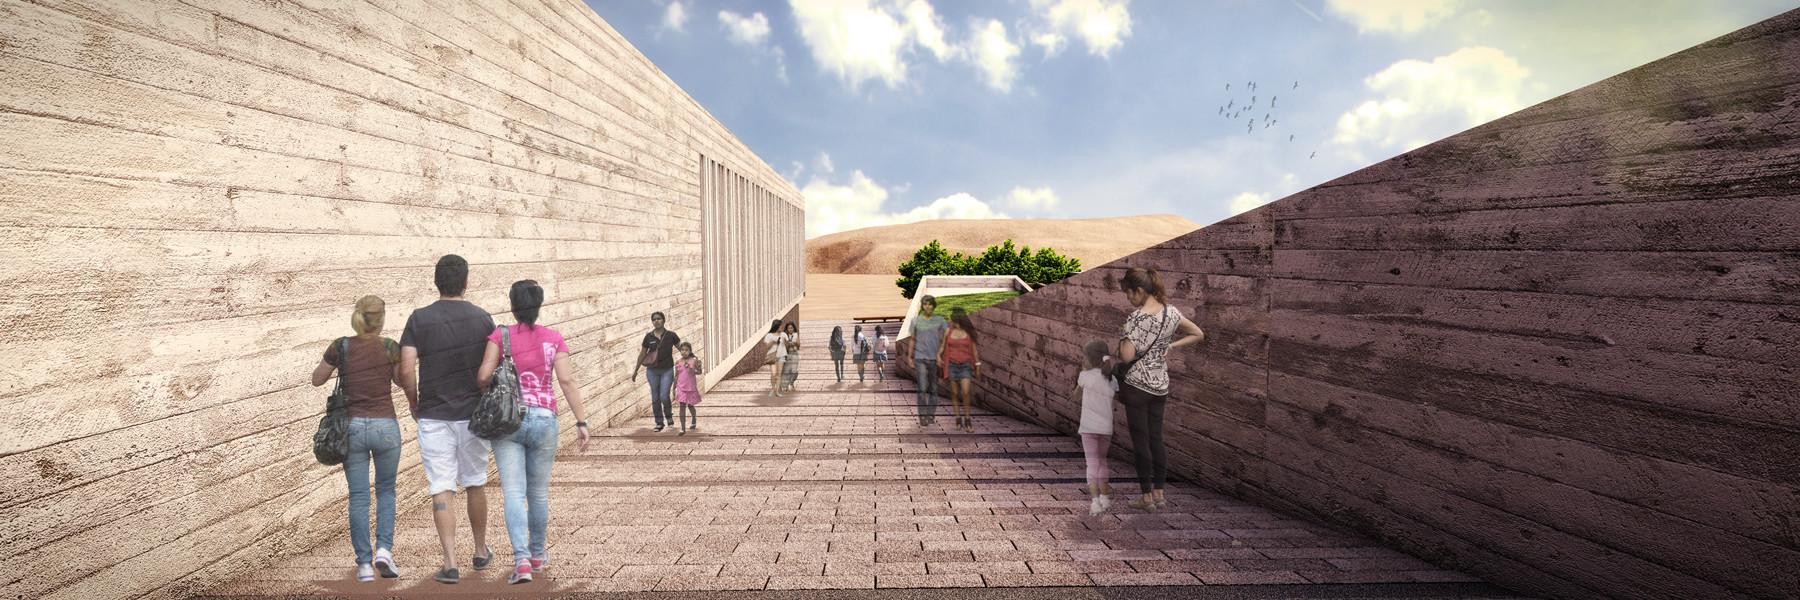 Imagen Rampa / Museo de Pachacamac . Image Courtesy of Llosa Cortegana Arquitectos